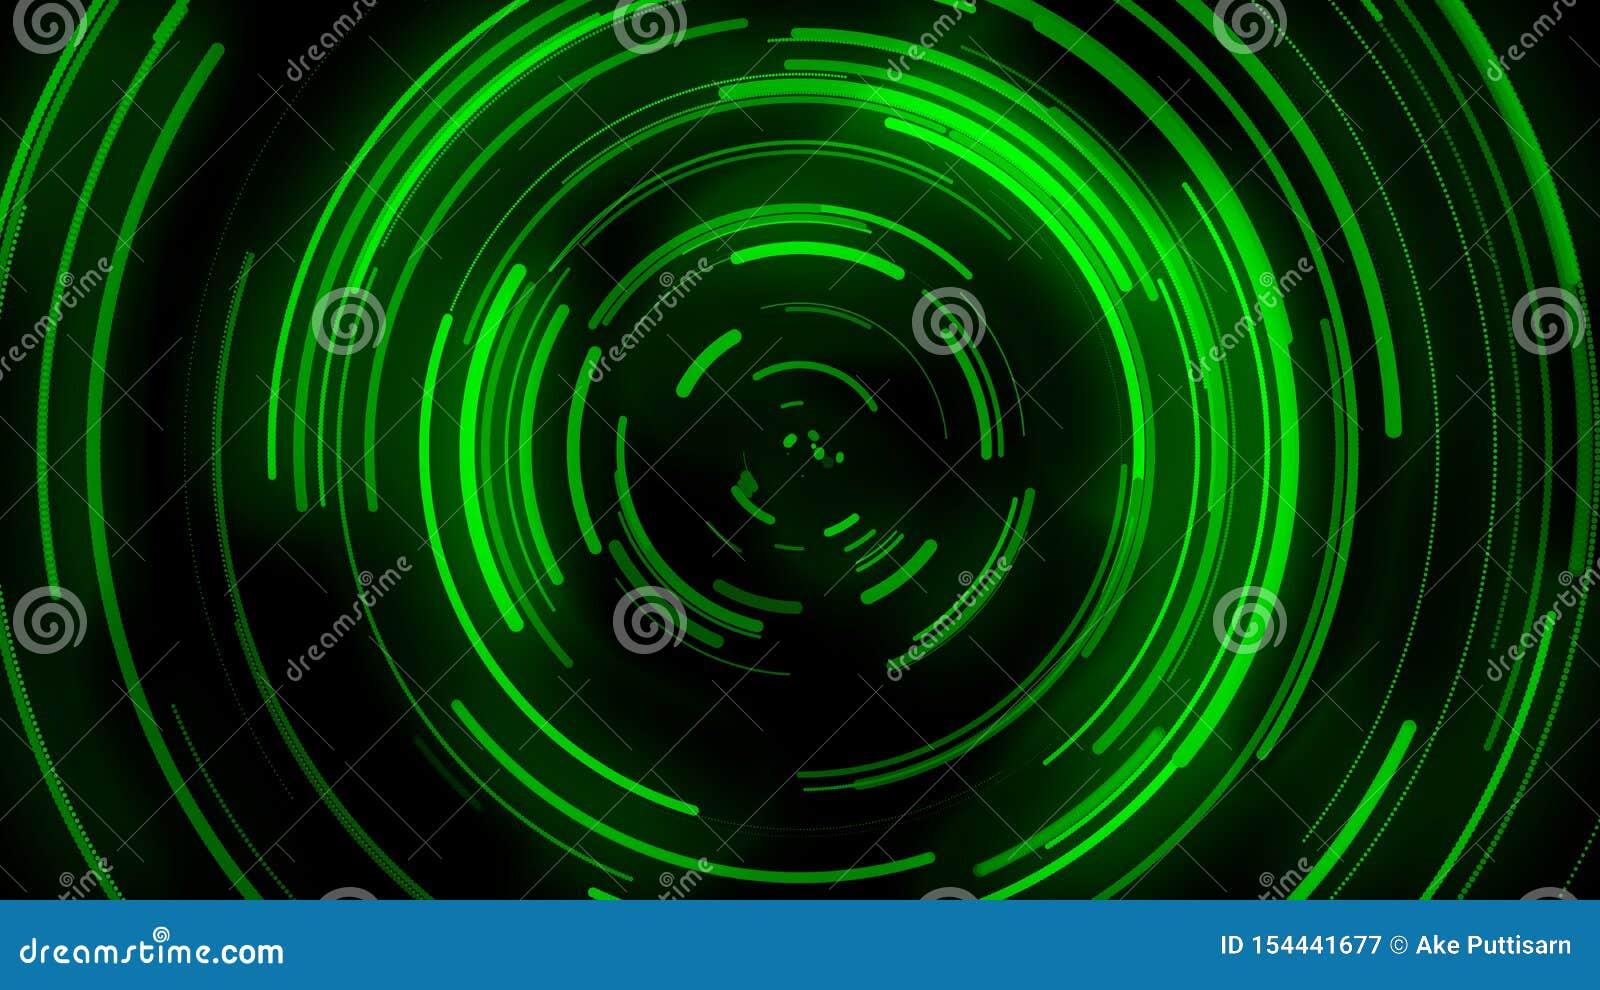 3D bewegende achtergrond, de beweging van de groene kromme, wordt de kromme verdeeld, signaaltransmissie, overstromingsbeeld